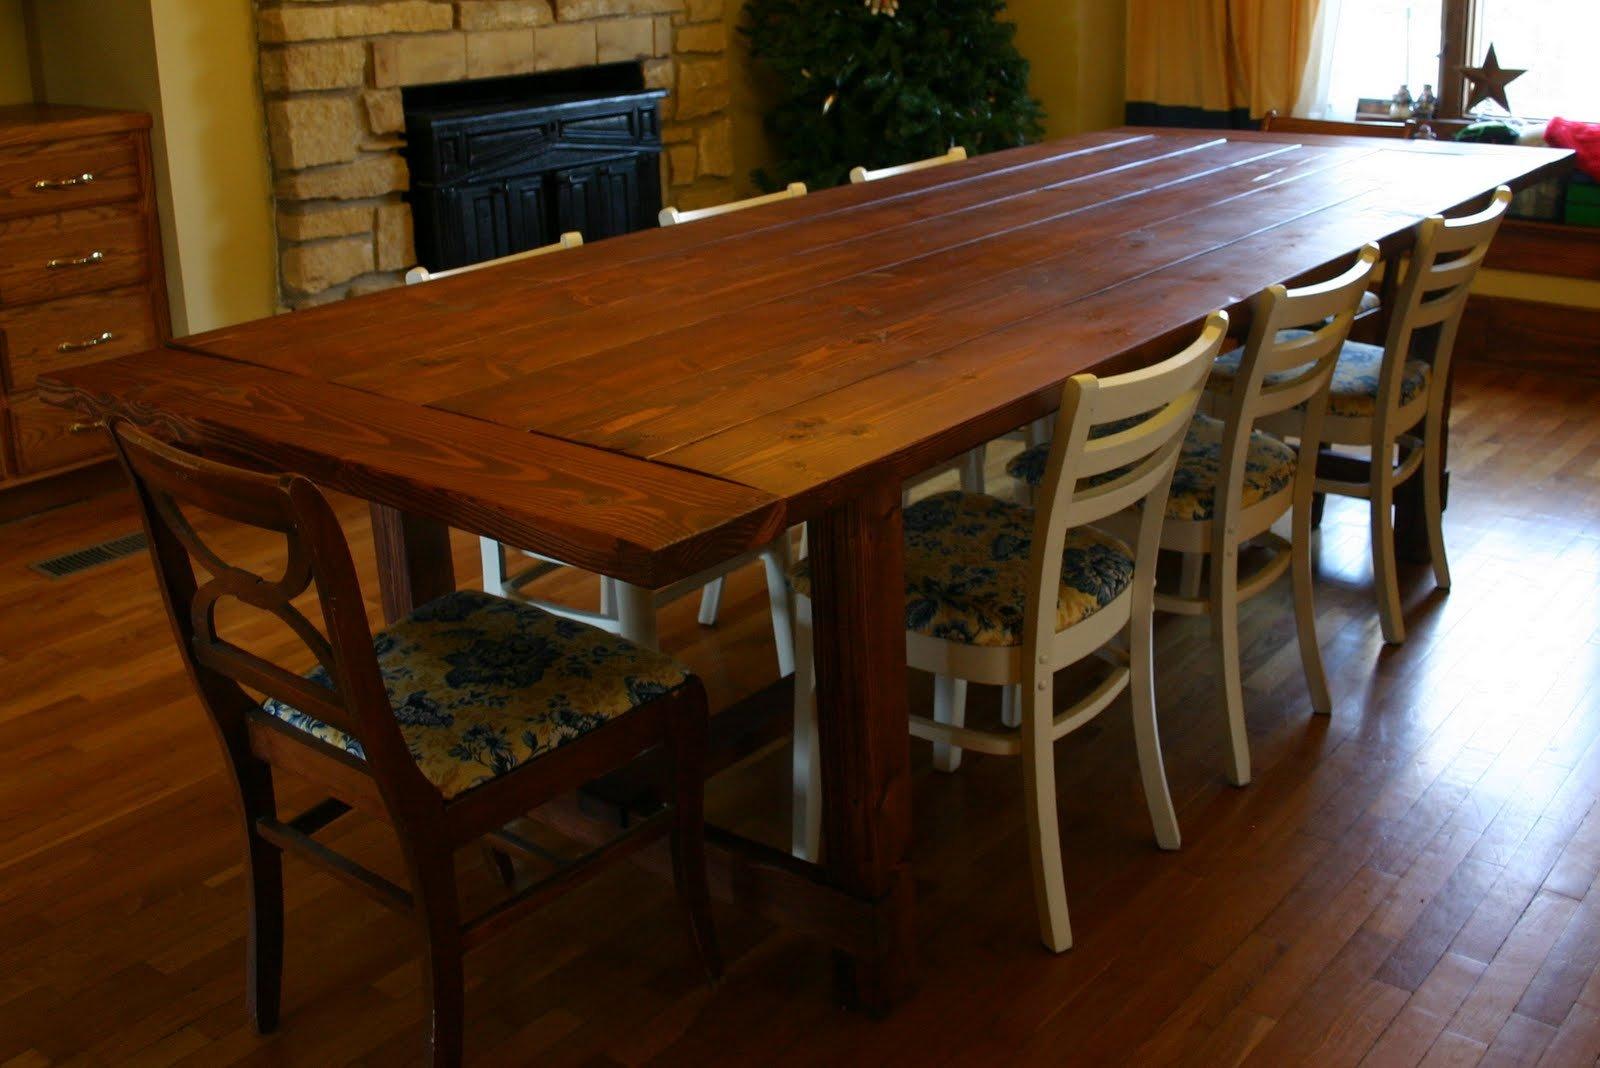 Farmhouse dining table plans Photo - 1